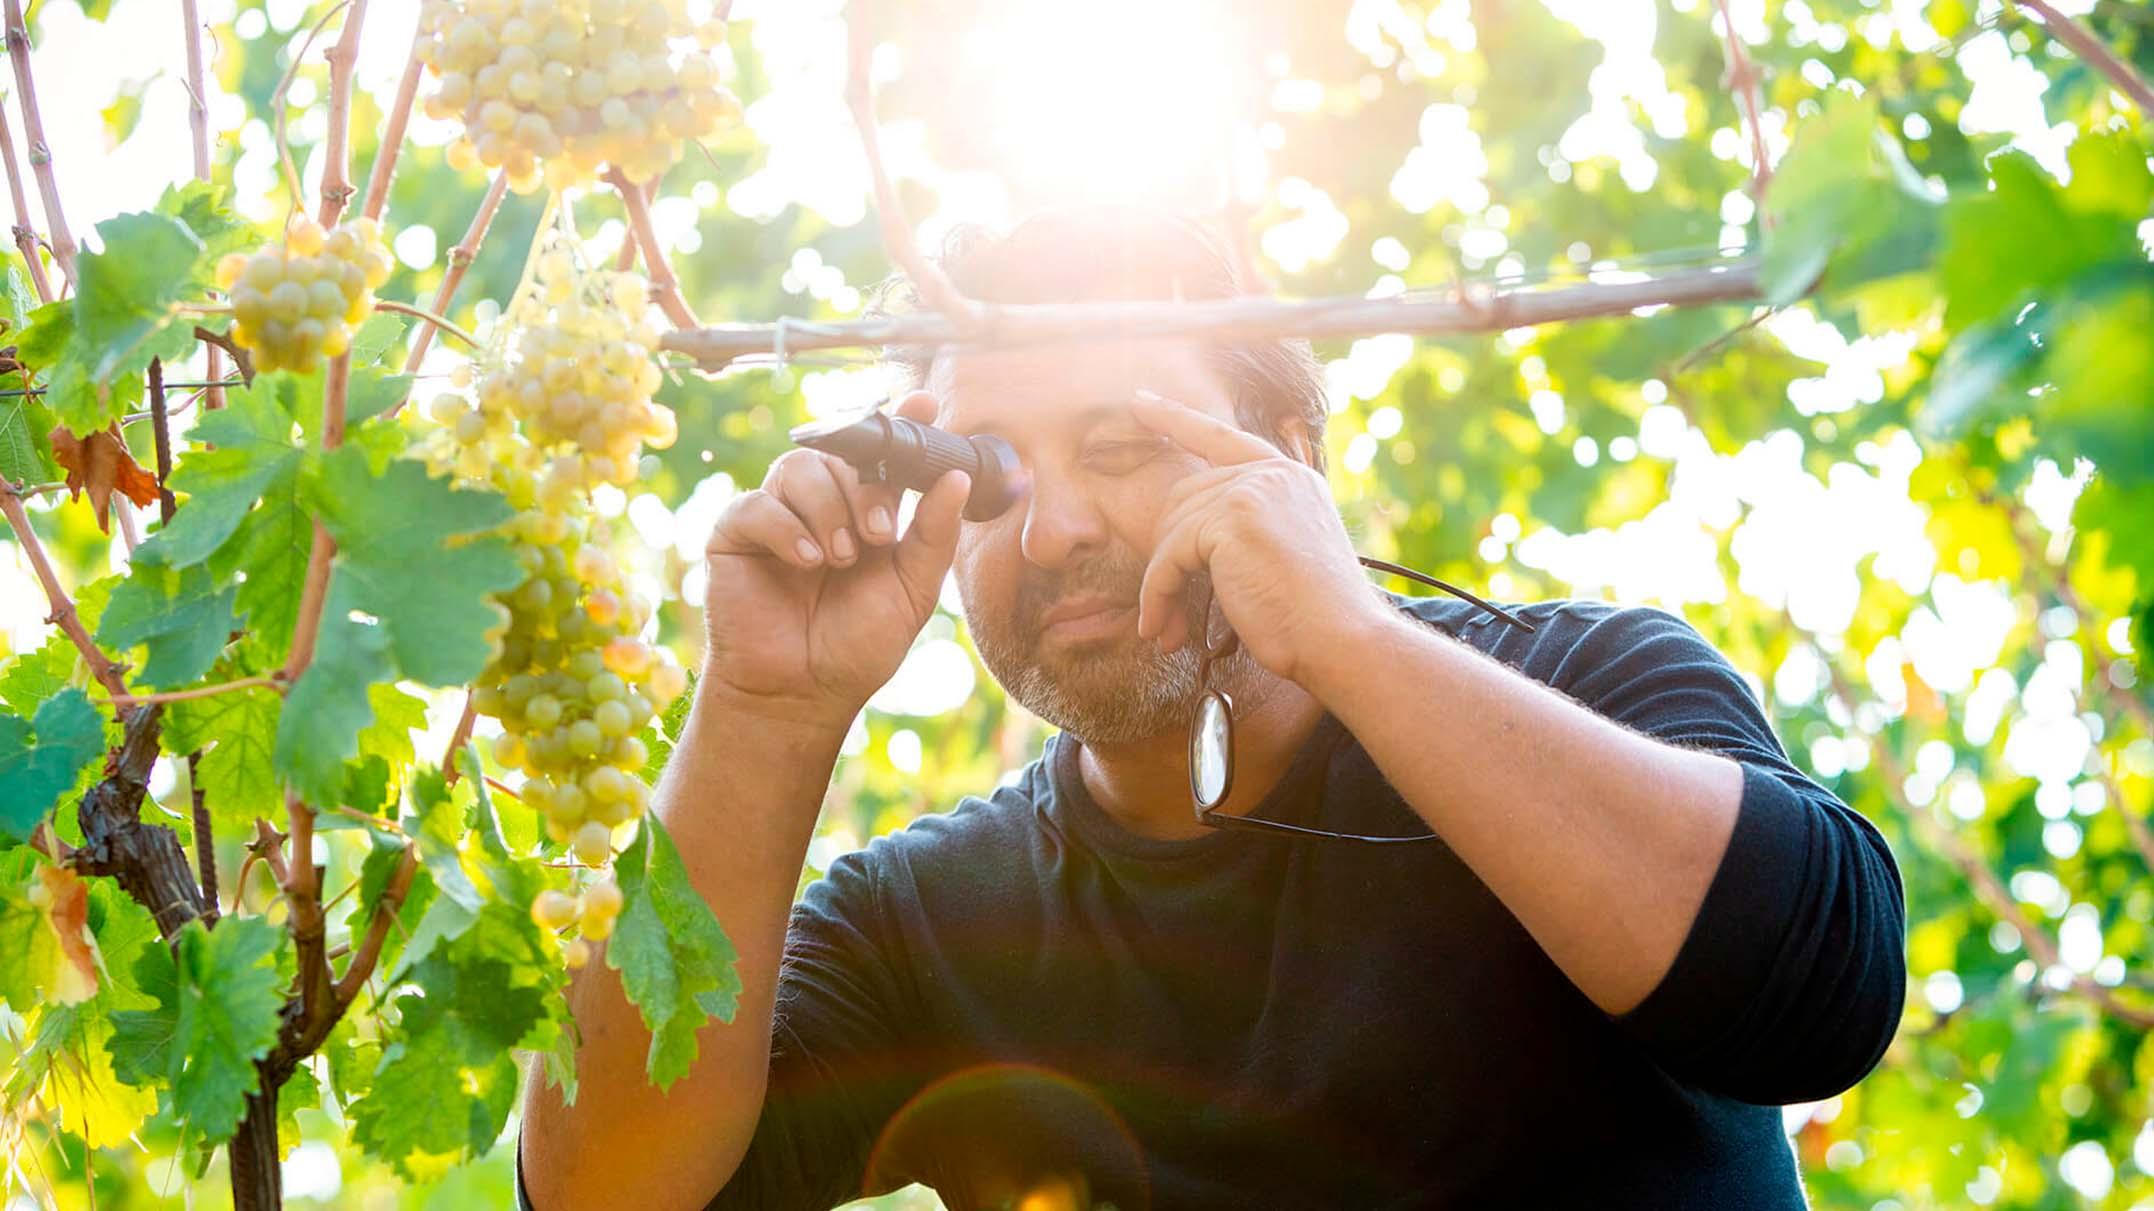 farmer-looking-at-grapes